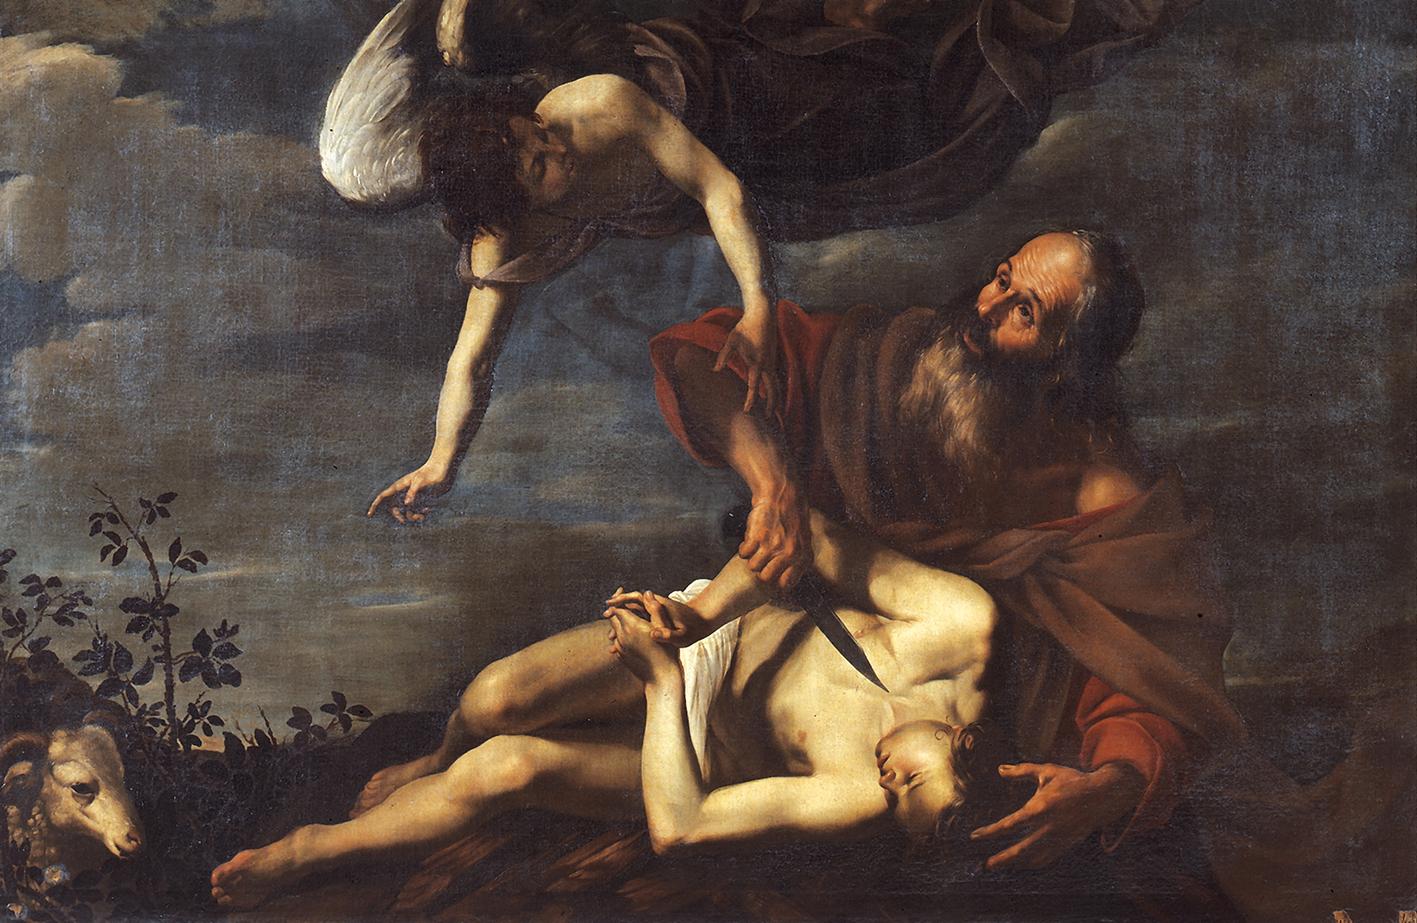 Orazio Riminaldi. Un maestro pisano tra Caravaggio e Gentileschi, un'importante mostra lo celebra